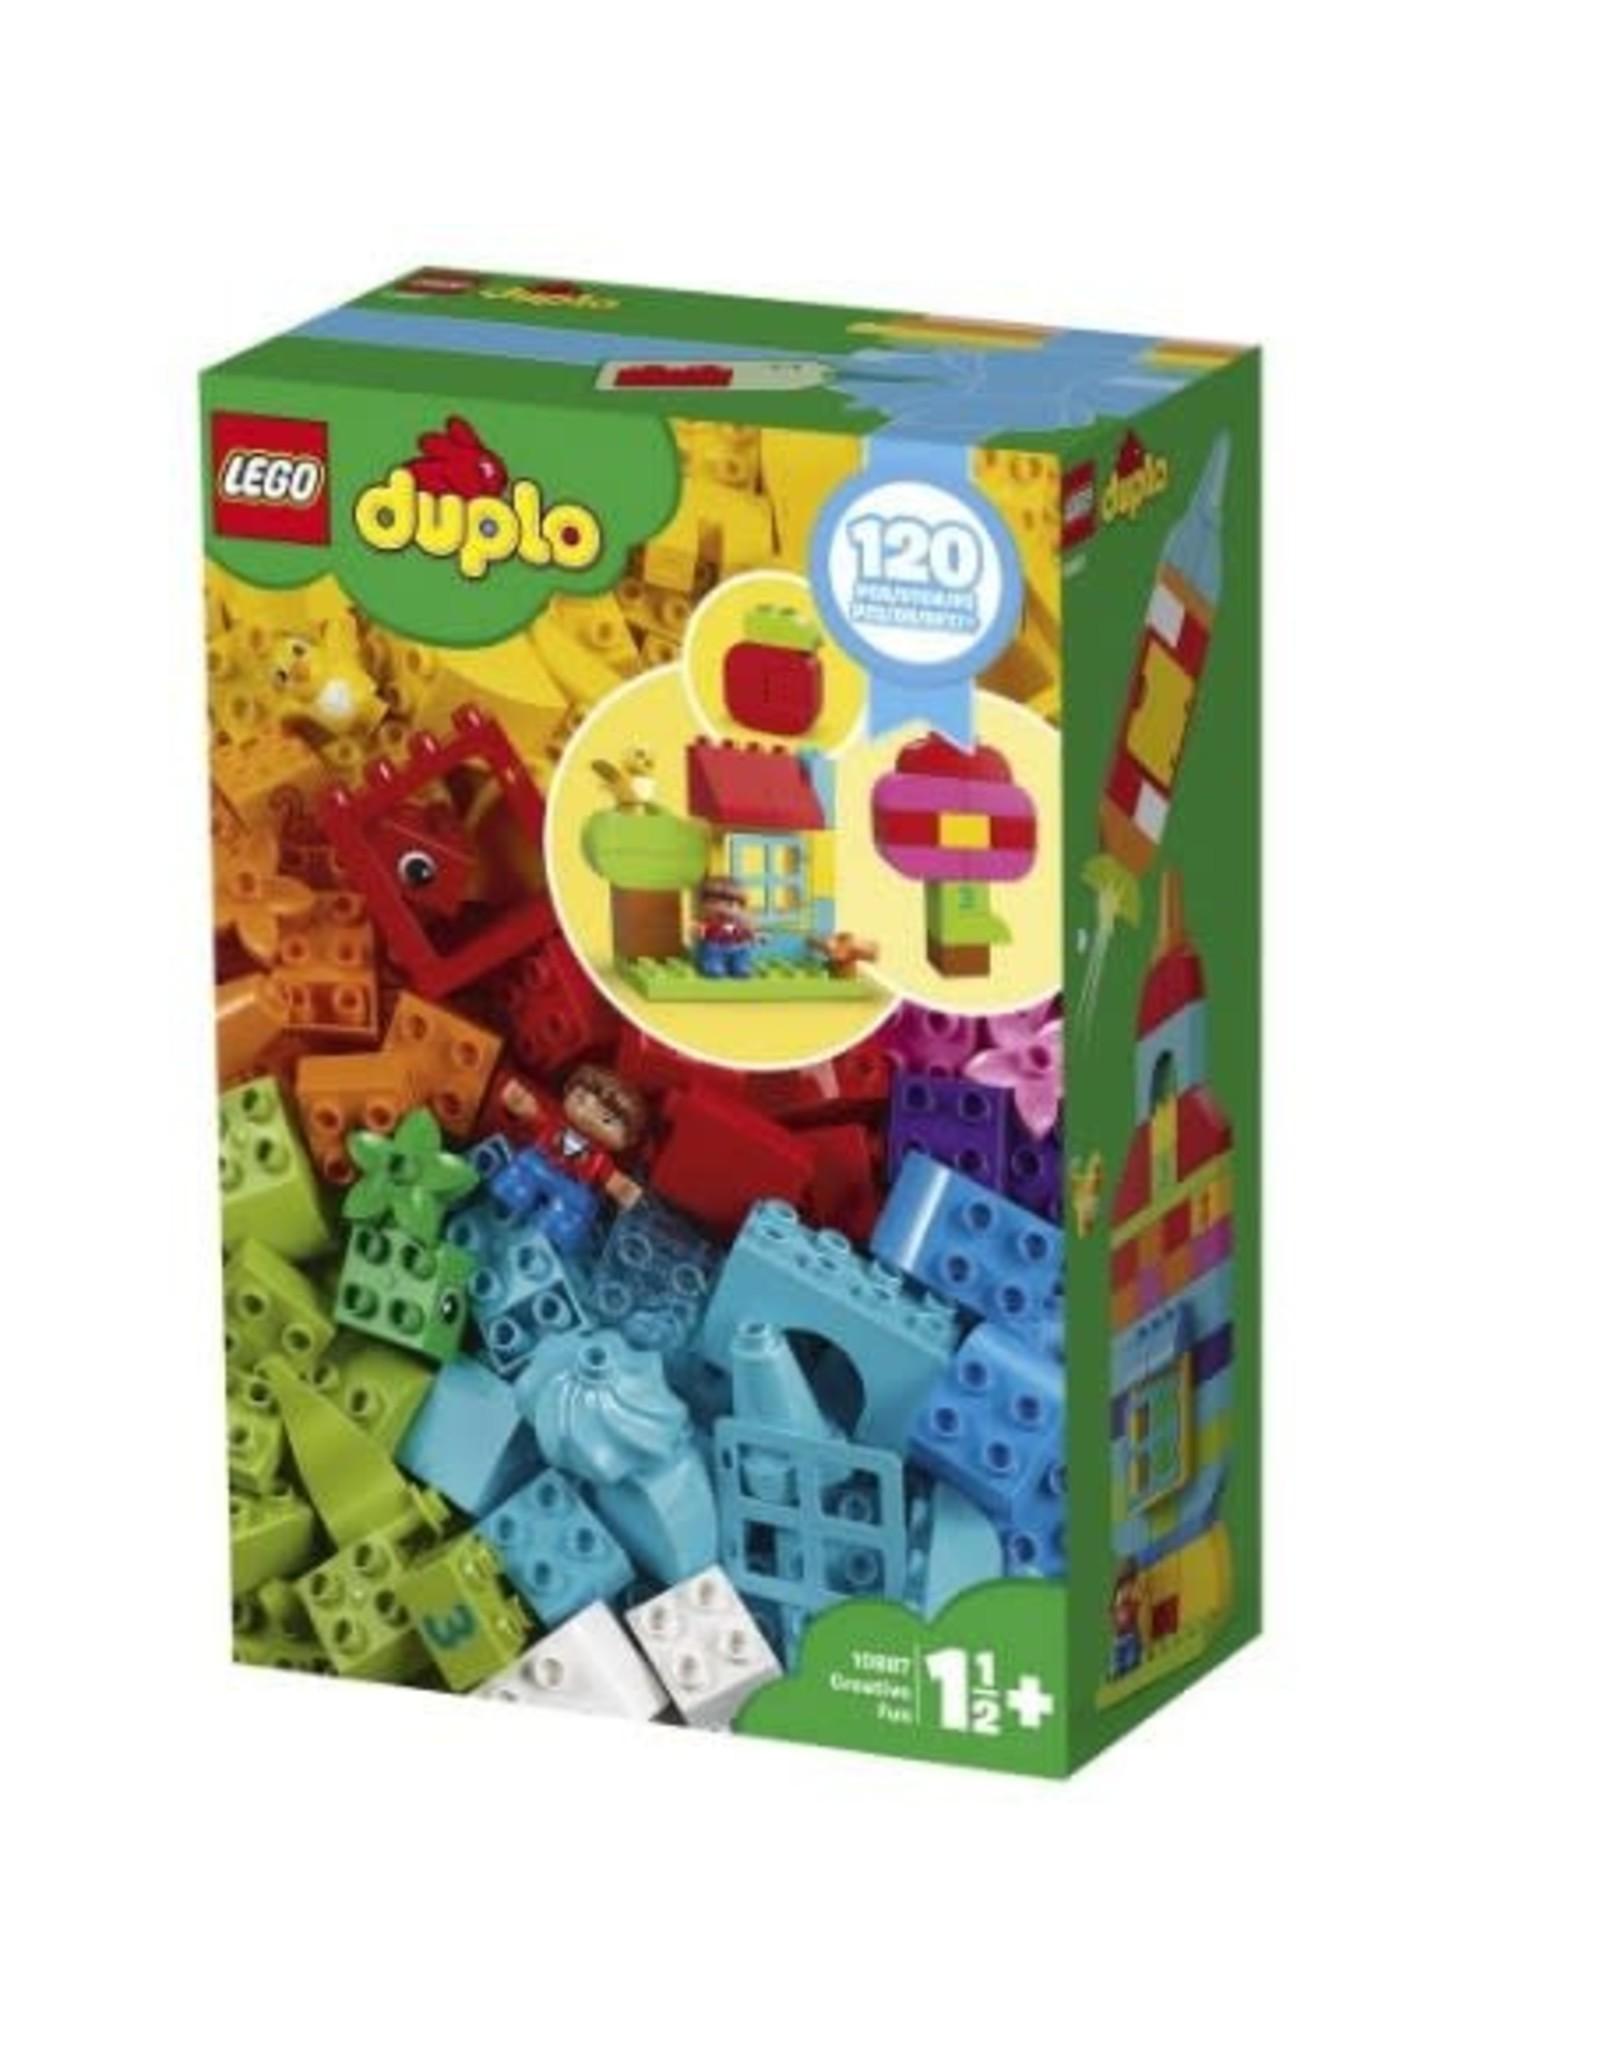 Lego Duplo Creative Fun Box